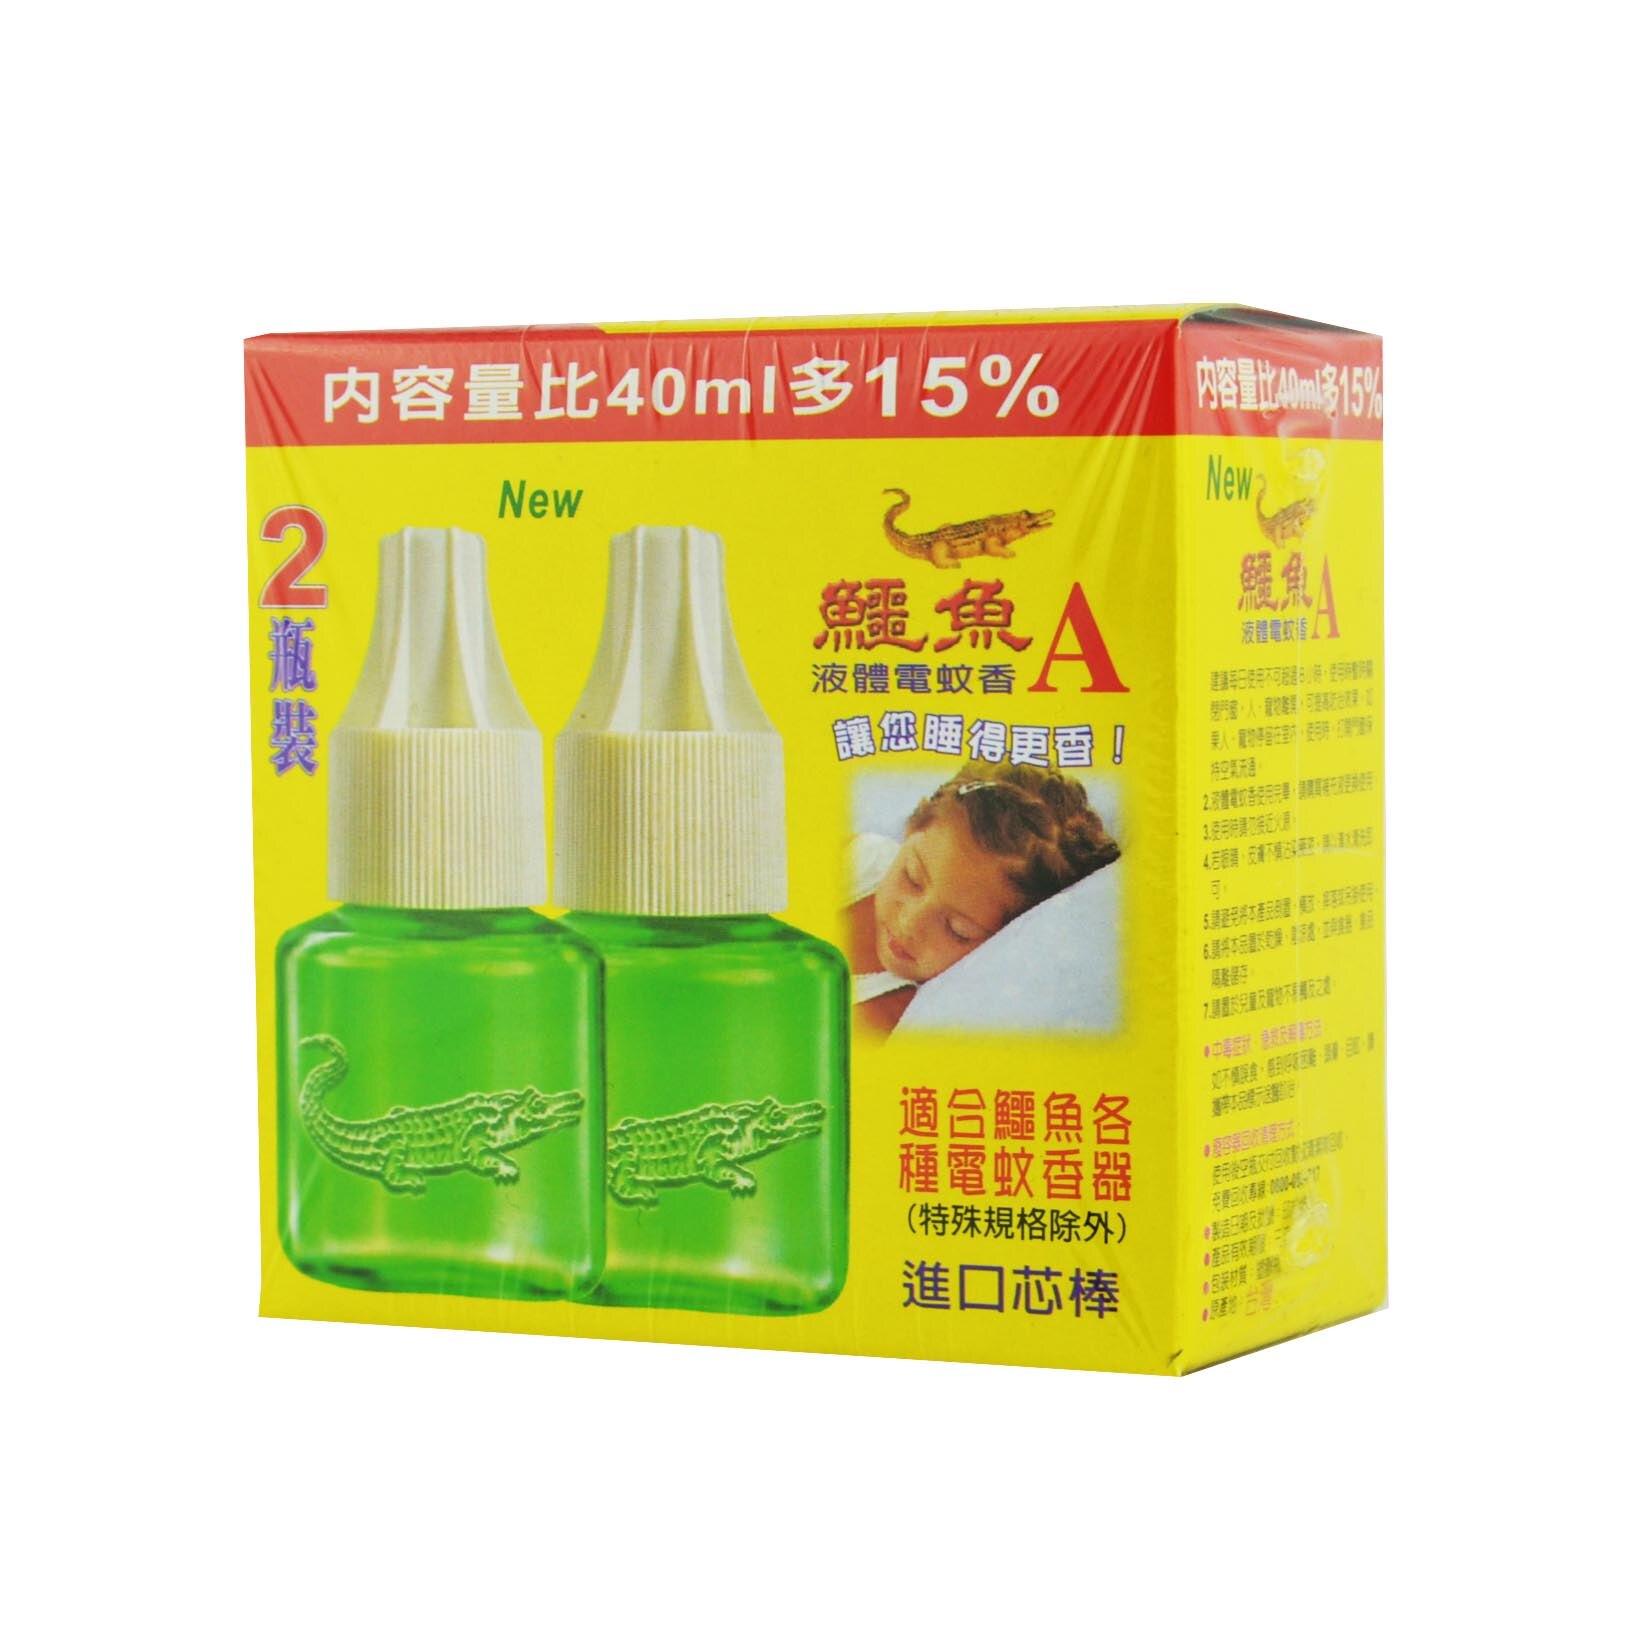 鱷魚液體電蚊香補充液46ml-2入裝  驅蚊 驅蟲 防蚊子咬 室內 戶外 露營 除蚊